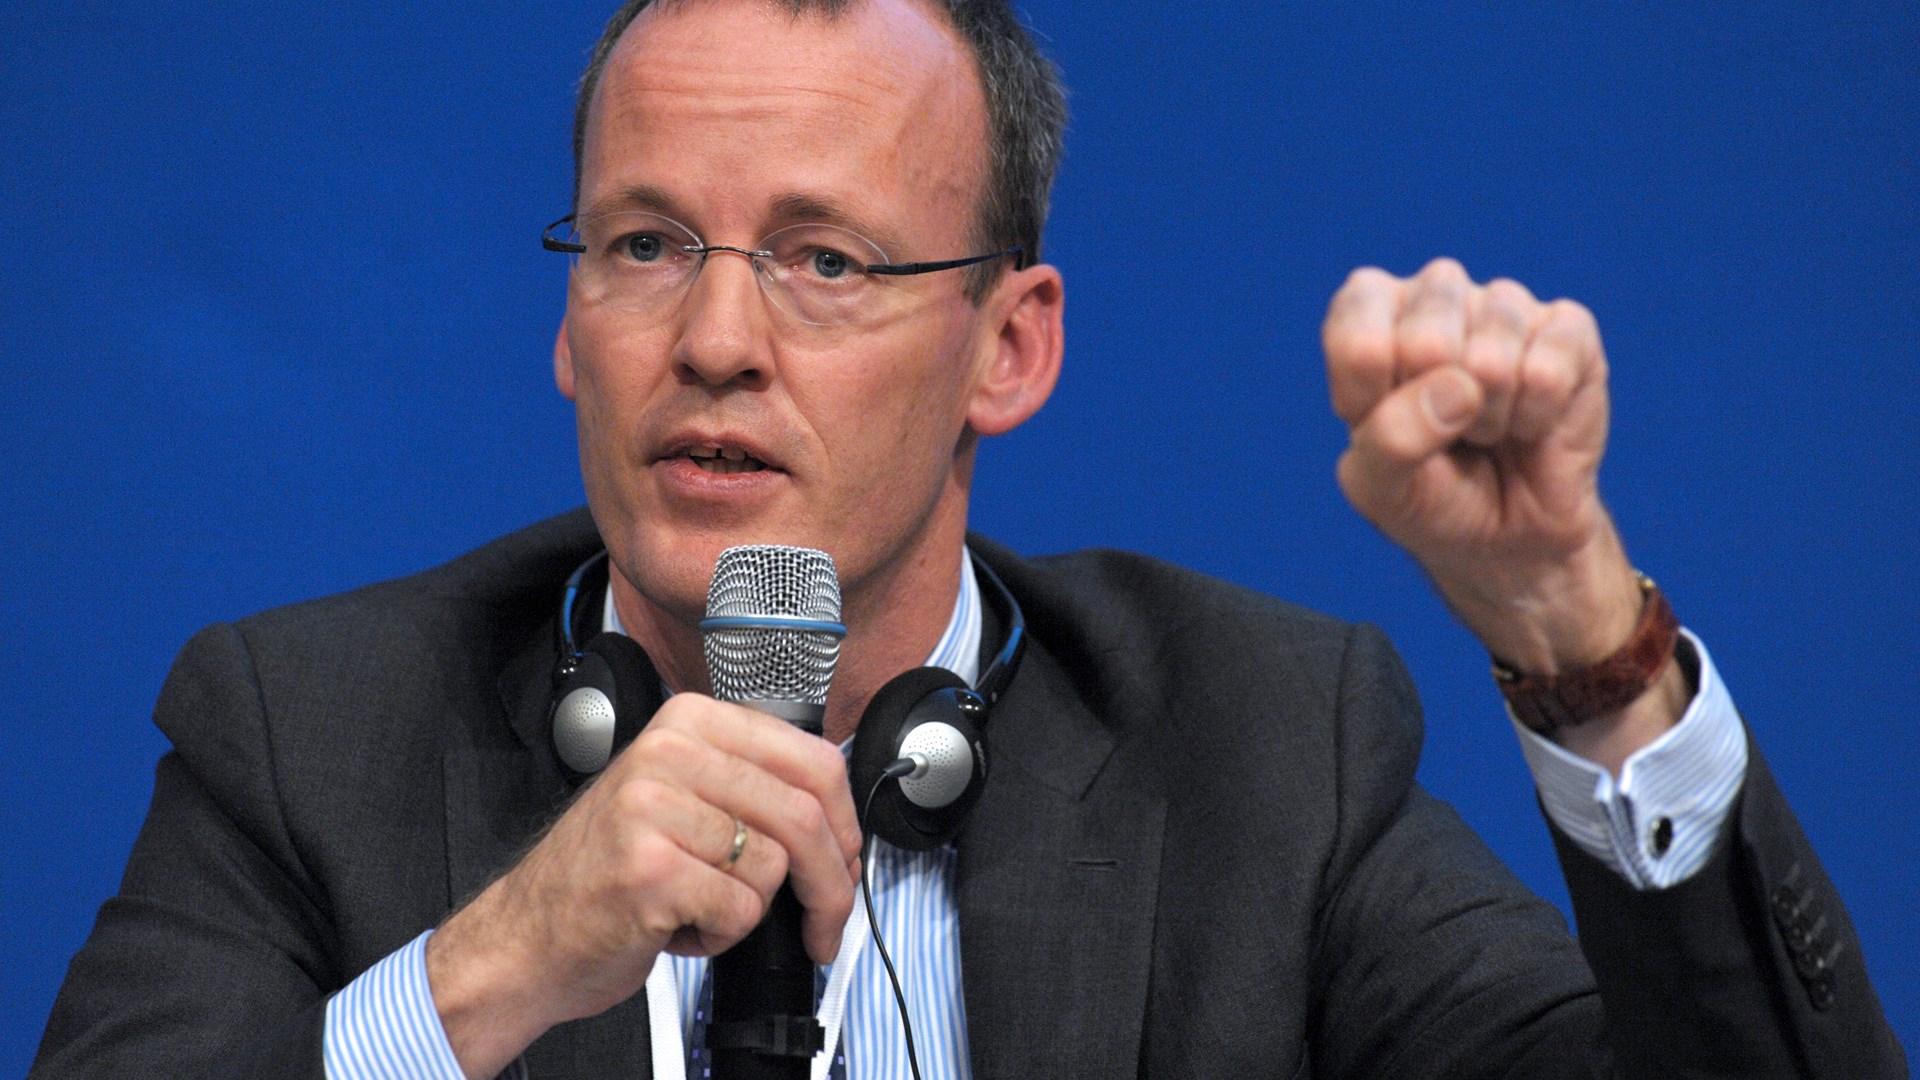 عضو المركزي الأوروبي، نوت: نفكر حالياً في صياغة خطة طوارىء